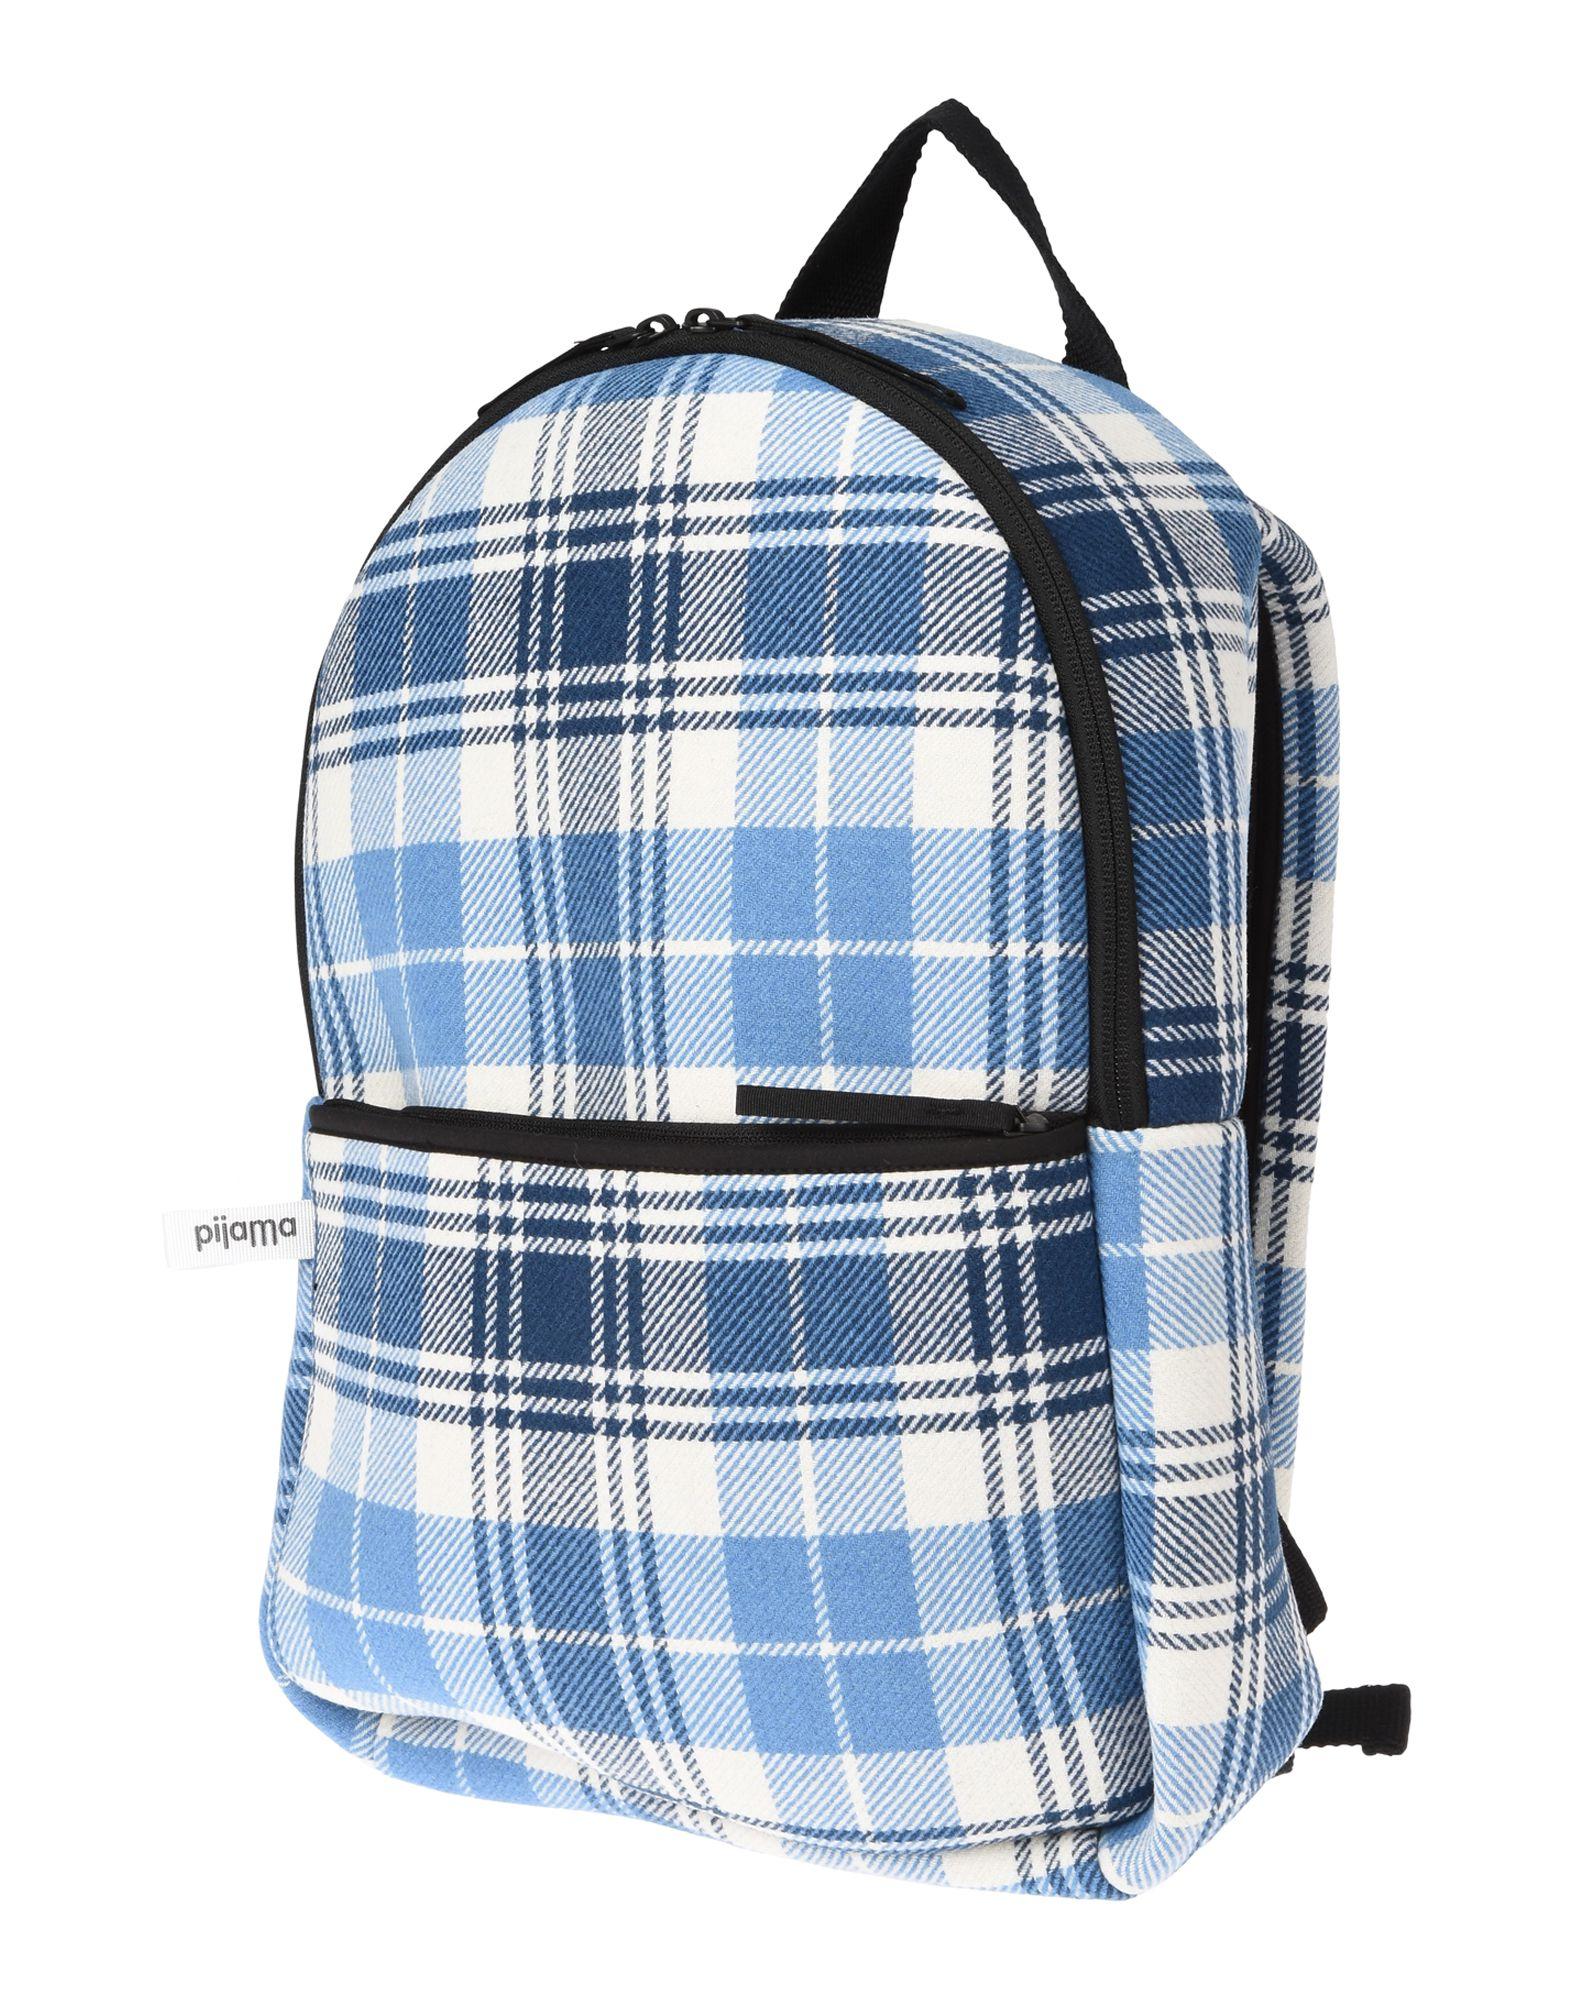 PIJAMA Рюкзаки и сумки на пояс moleskine рюкзаки и сумки на пояс